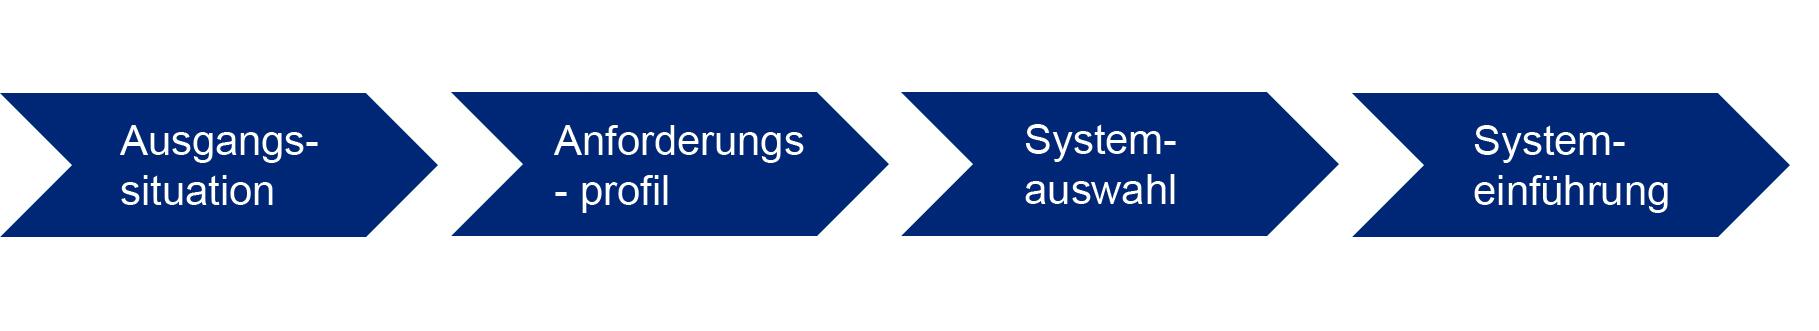 Das vierphasige Stufenmodell der erfolgreichen MES-Einführung (Bild: CIM Aachen GmbH)